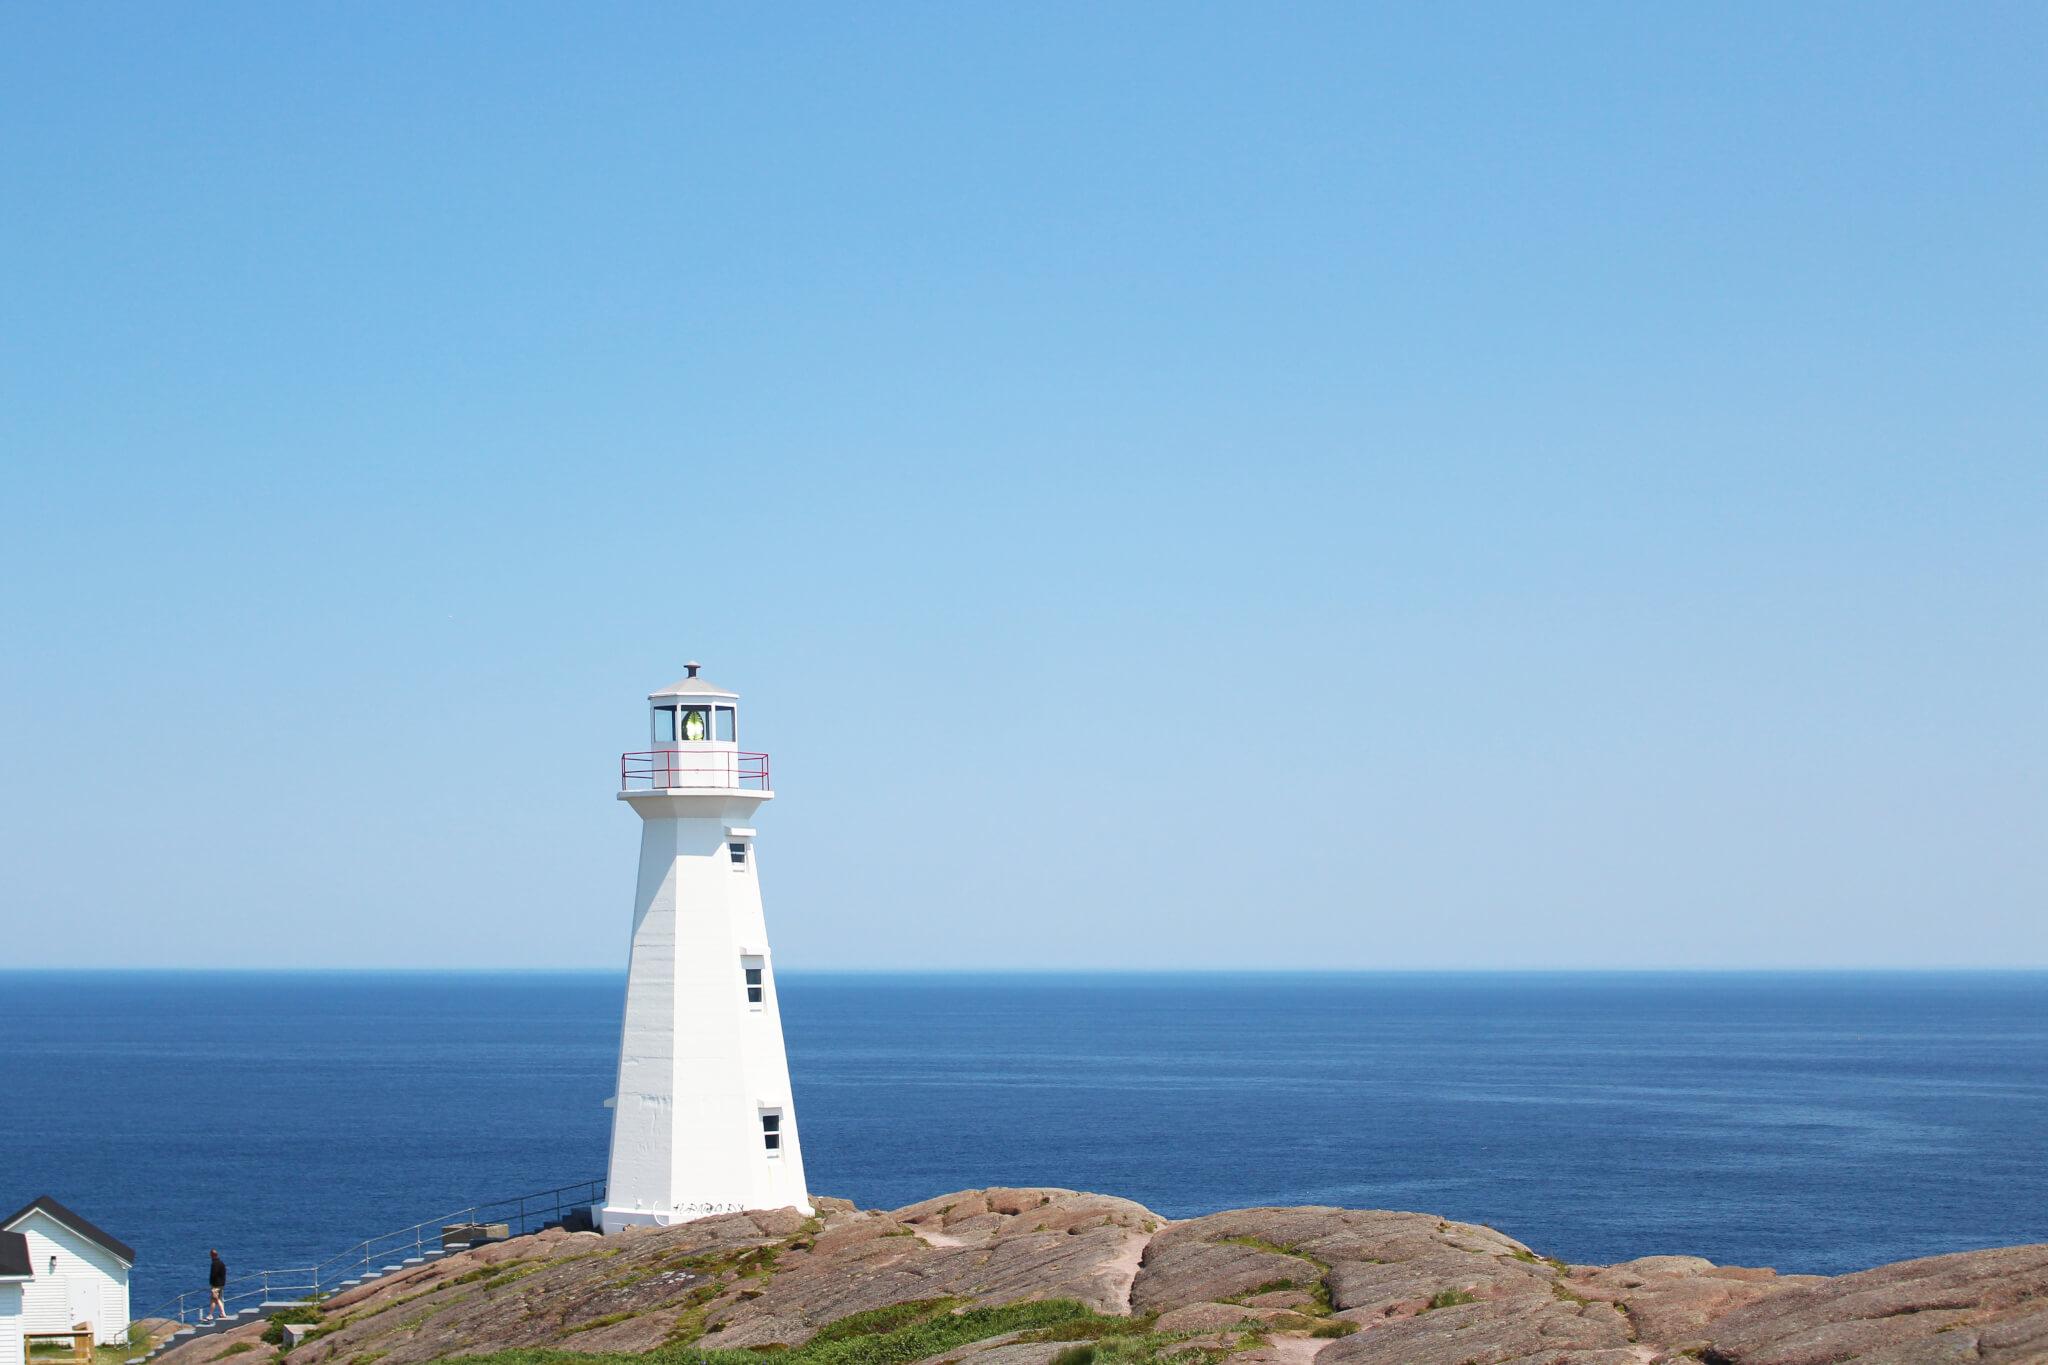 Image à Cape Spear pour notre article Randonnées de rêve à Terre-Neuve